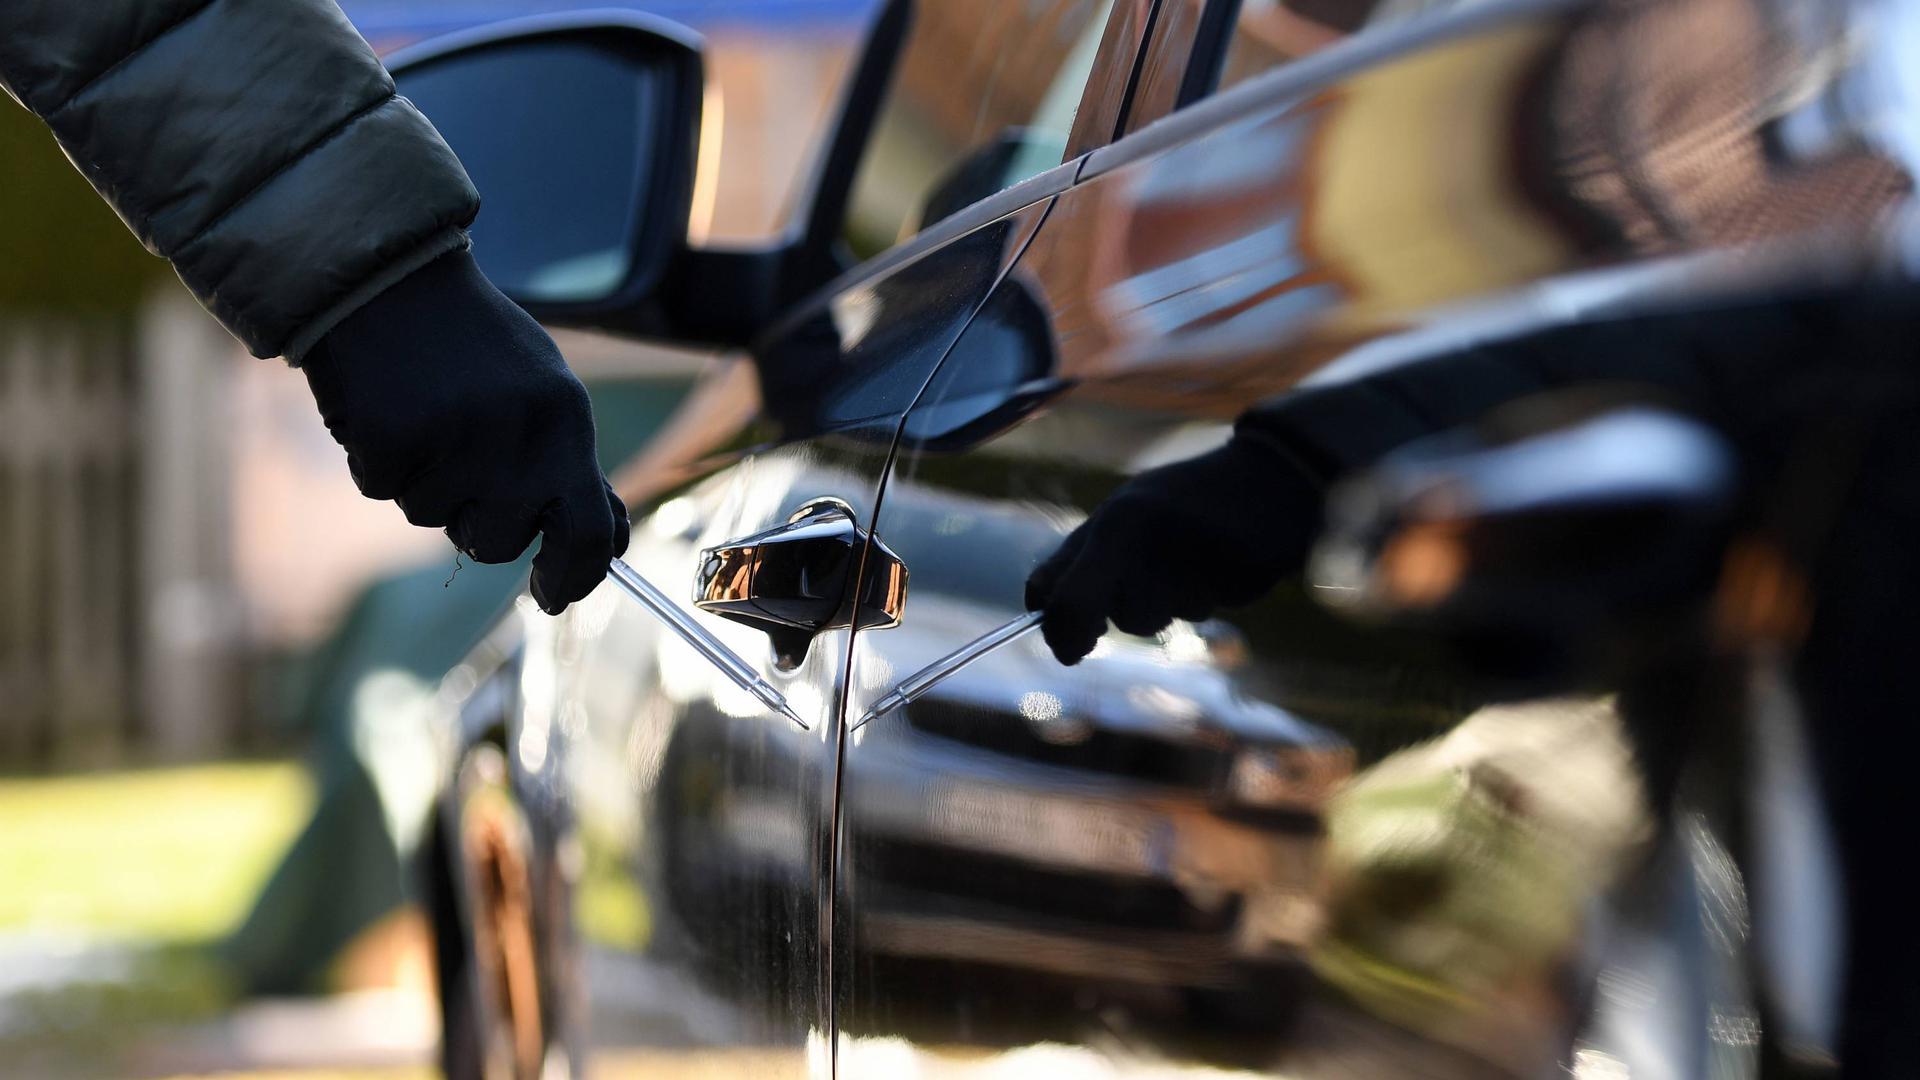 ILLUSTRATION - 01.04.2020, Bayern, Schweinfurt: Ein Mann steht mit einem Schraubenzieher neben einem Auto. Im Prozess um massenhaft zerkratzte Autos in Unterfranken sollen am 02.04.2020 die Plädoyers gehalten werden. Die Staatsanwaltschaft wirft dem Mann vor, 642 Fahrzeuge mutwillig beschädigt zu haben. Foto: Angelika Warmuth/dpa +++ dpa-Bildfunk +++